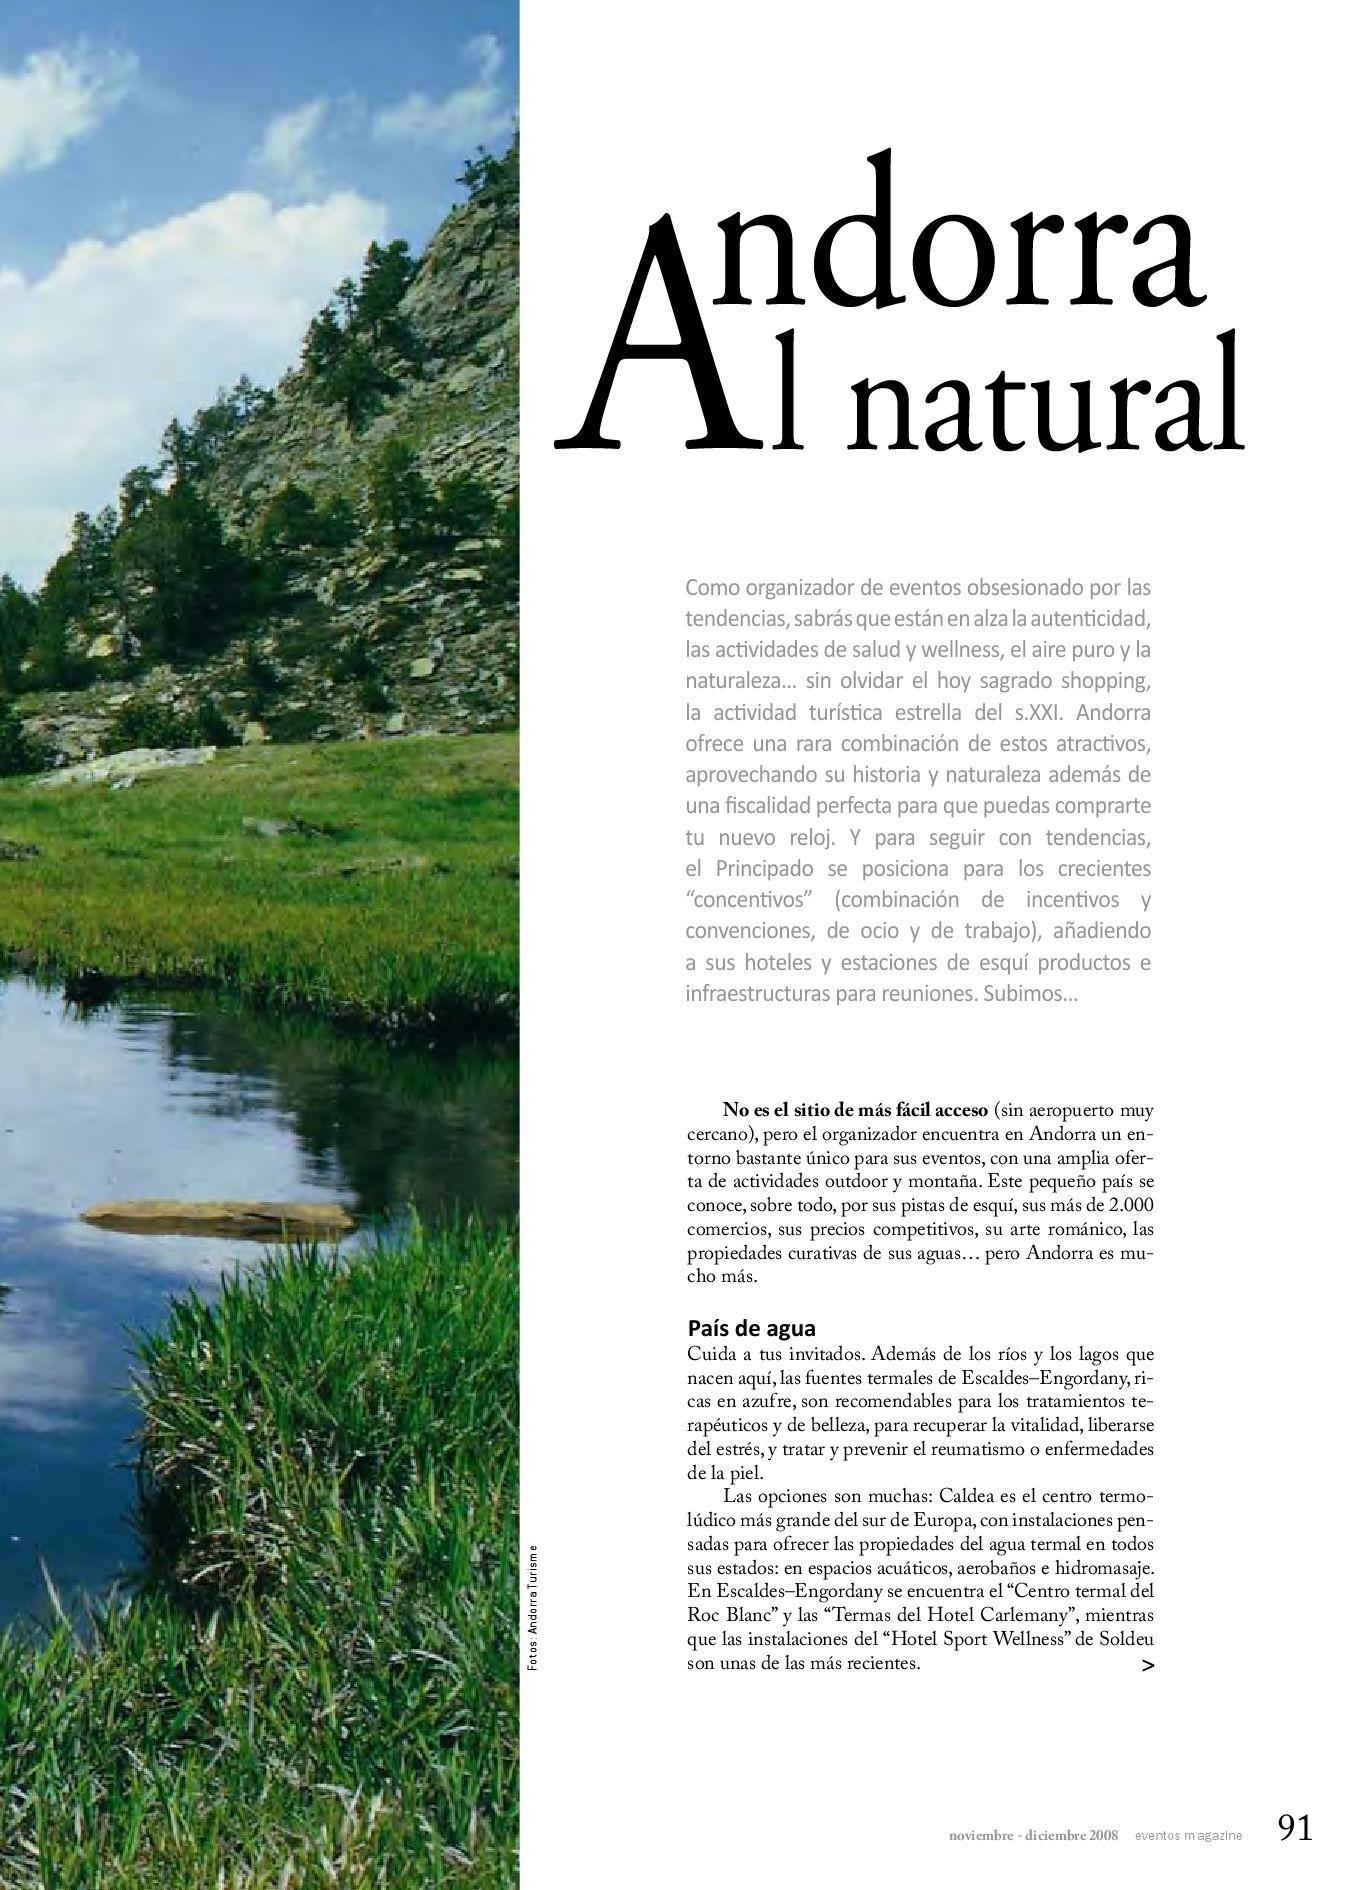 Asombroso Arte Fácil Uña En El País Fotos - Ideas Para Esmaltes ...